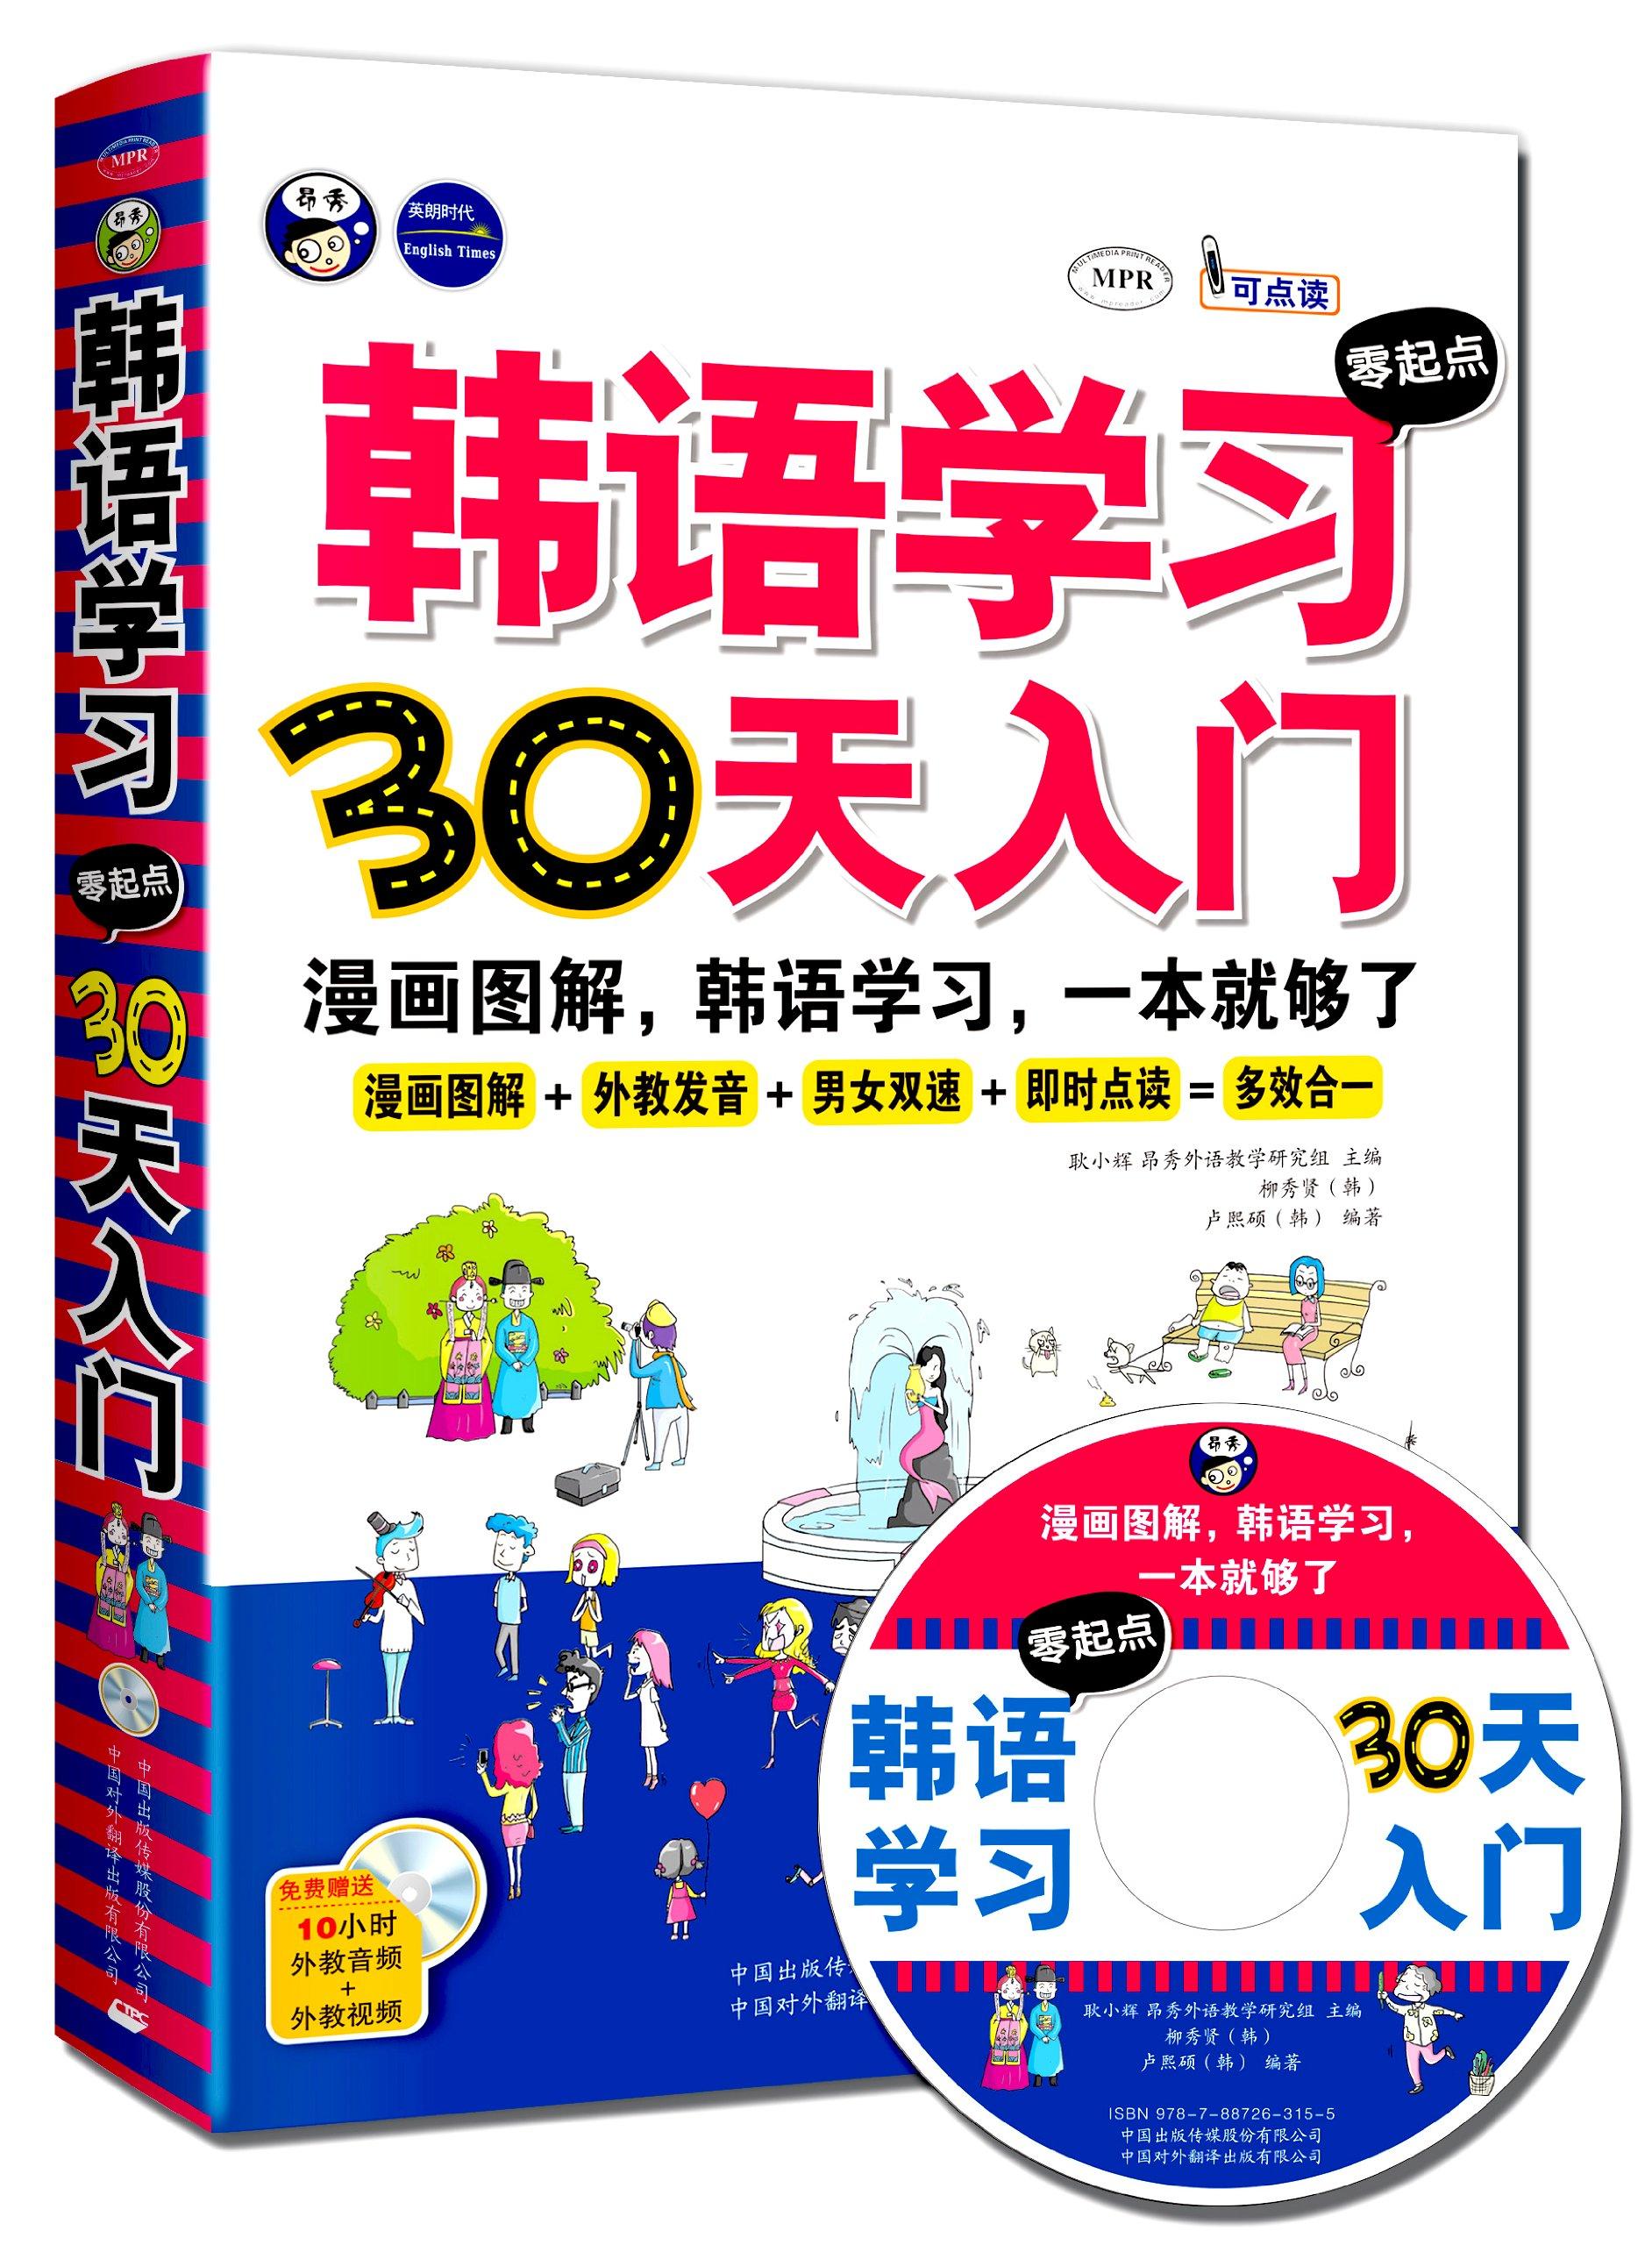 大叔学习零漫画30天图解:韩语入门、起点学习和a大叔韩语漫画的少女图片